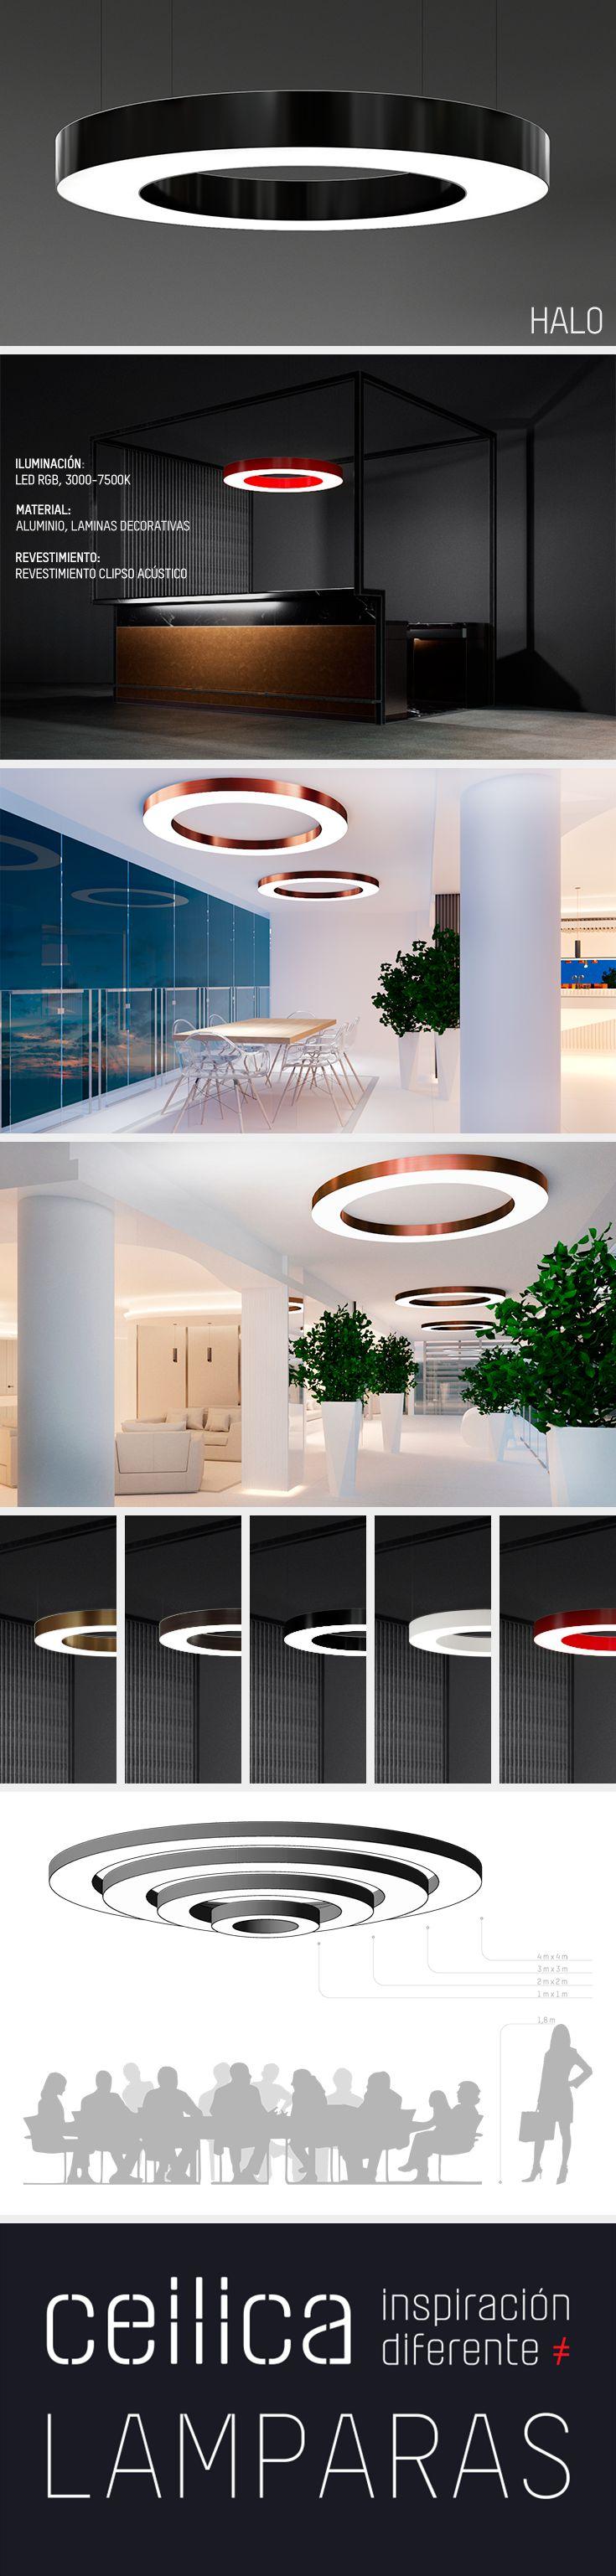 Las 25 mejores ideas sobre techos altos en pinterest - Lamparas para techos altos ...